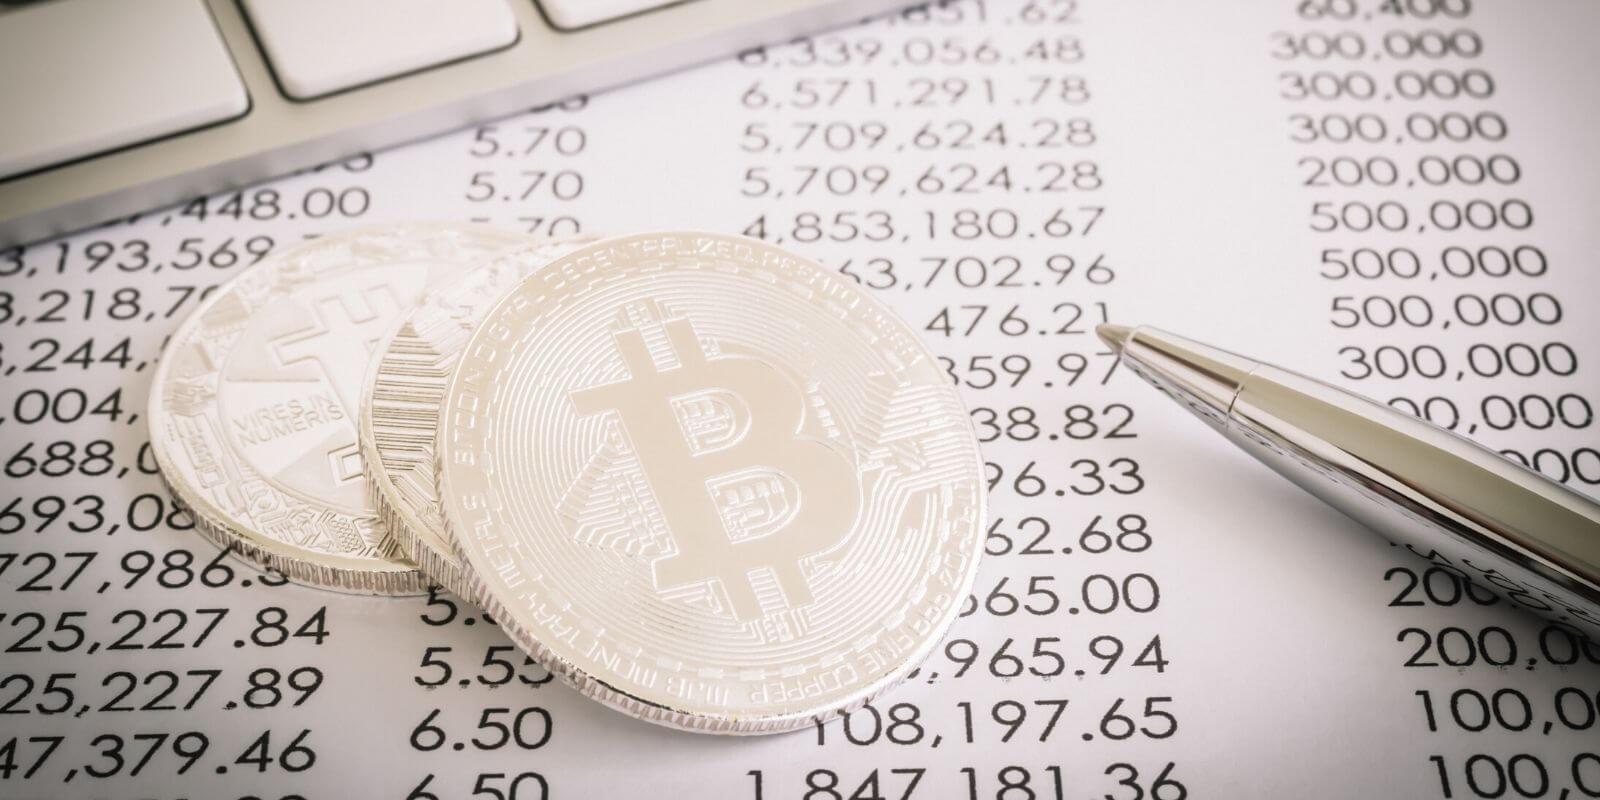 Fiscalité : la récente loi de décembre 2018 sur les crypto-monnaies a eu deux apports majeurs